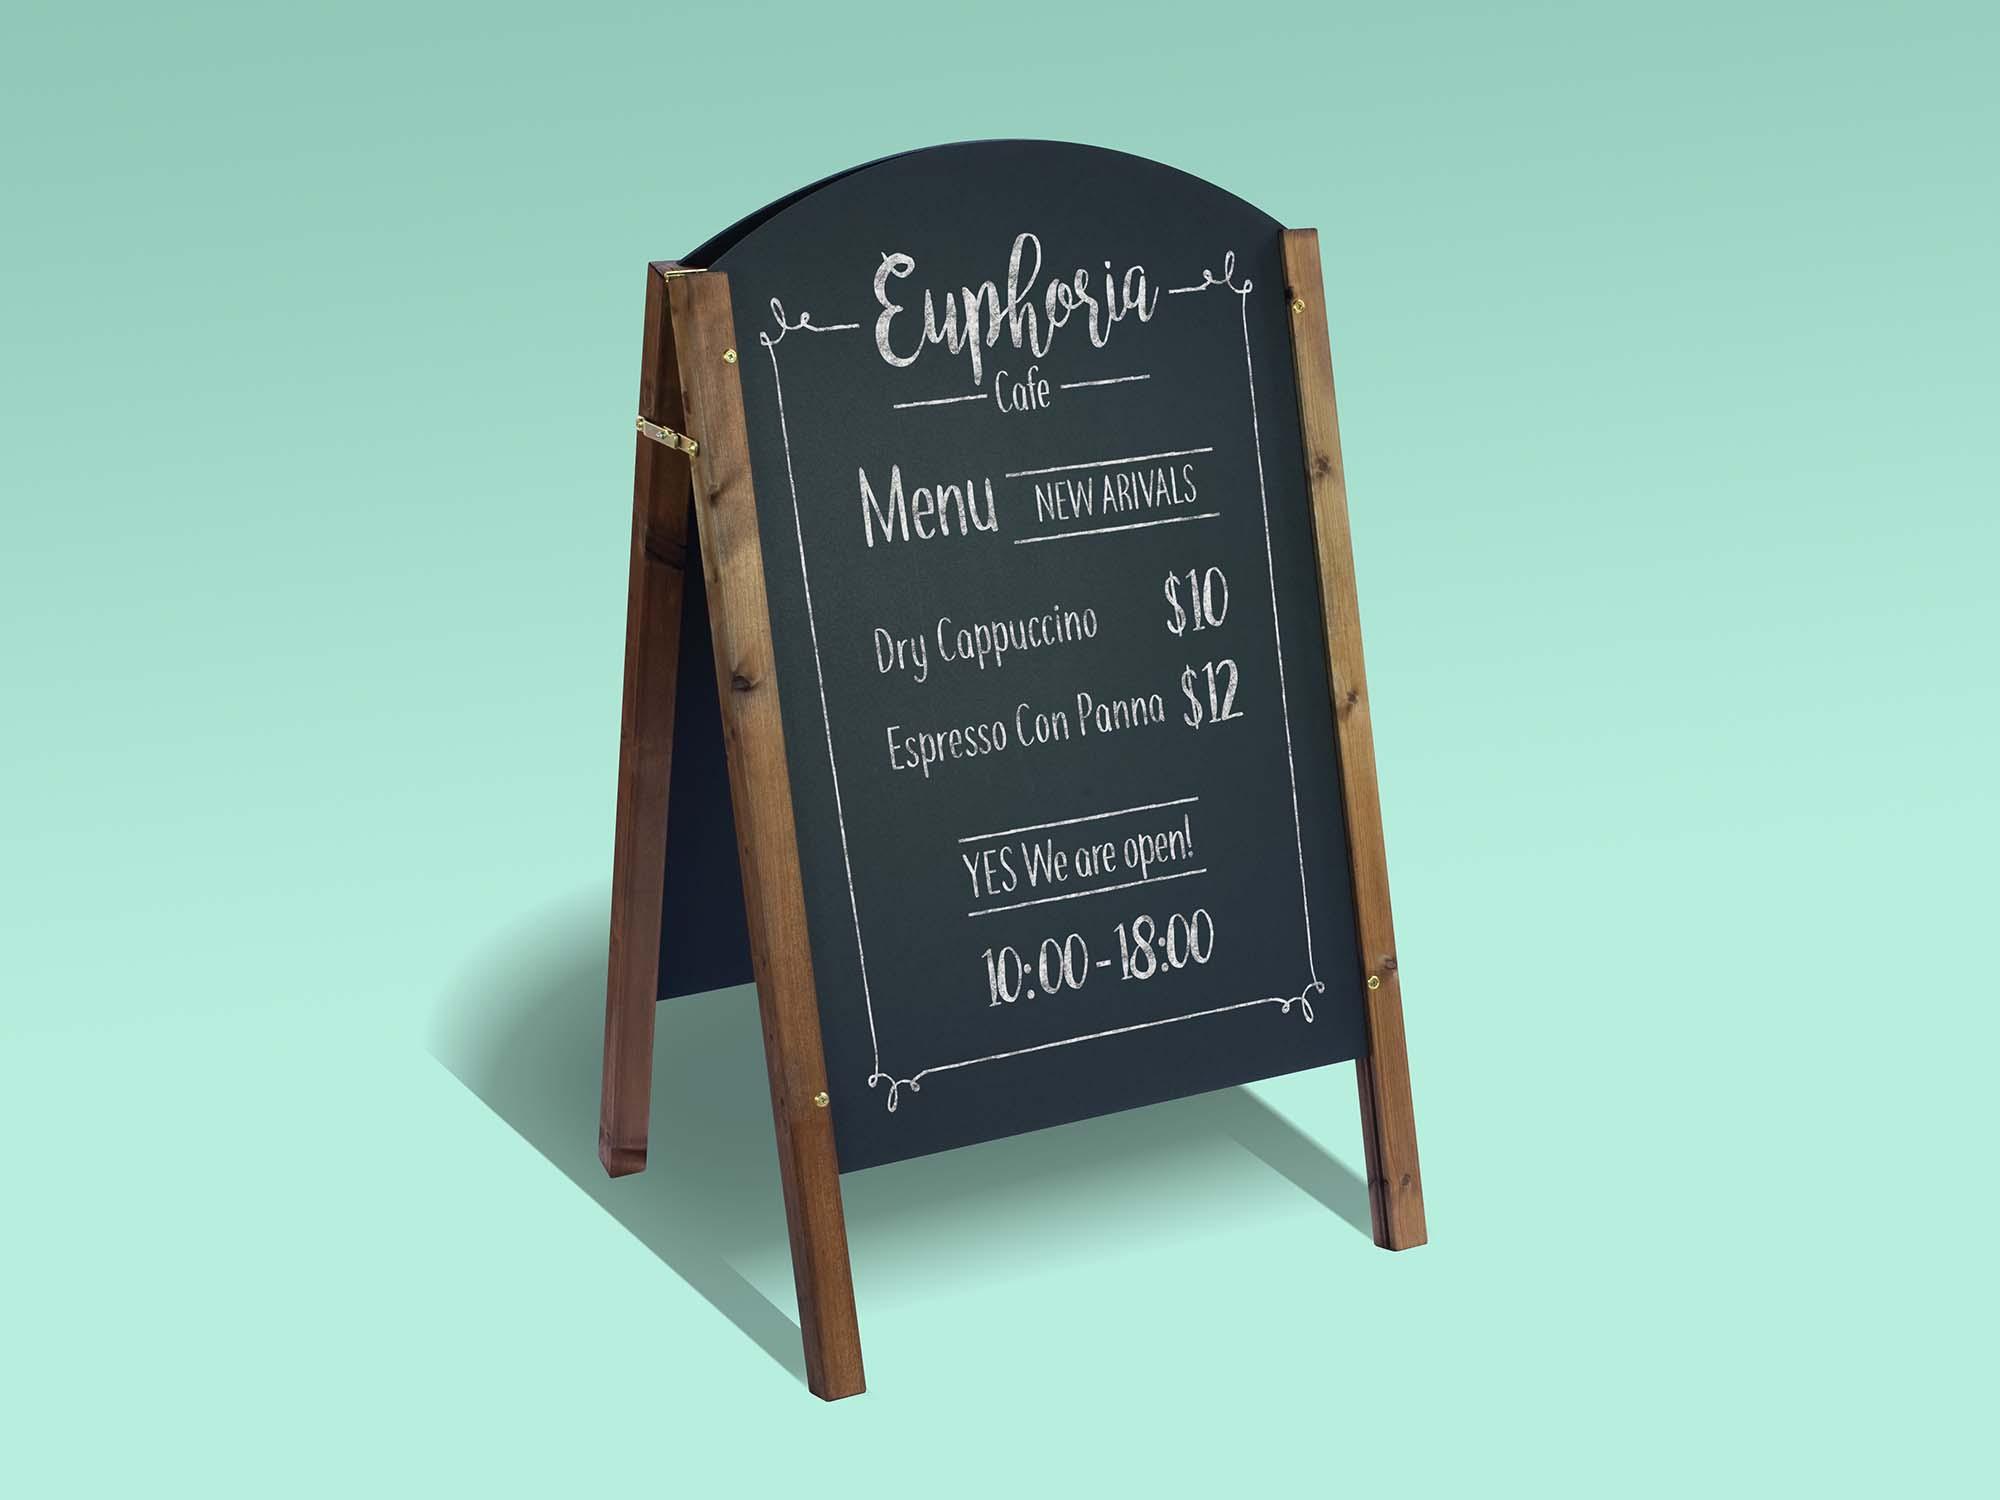 A-Frame Chalkboard Restaurant Menu Mockup 1